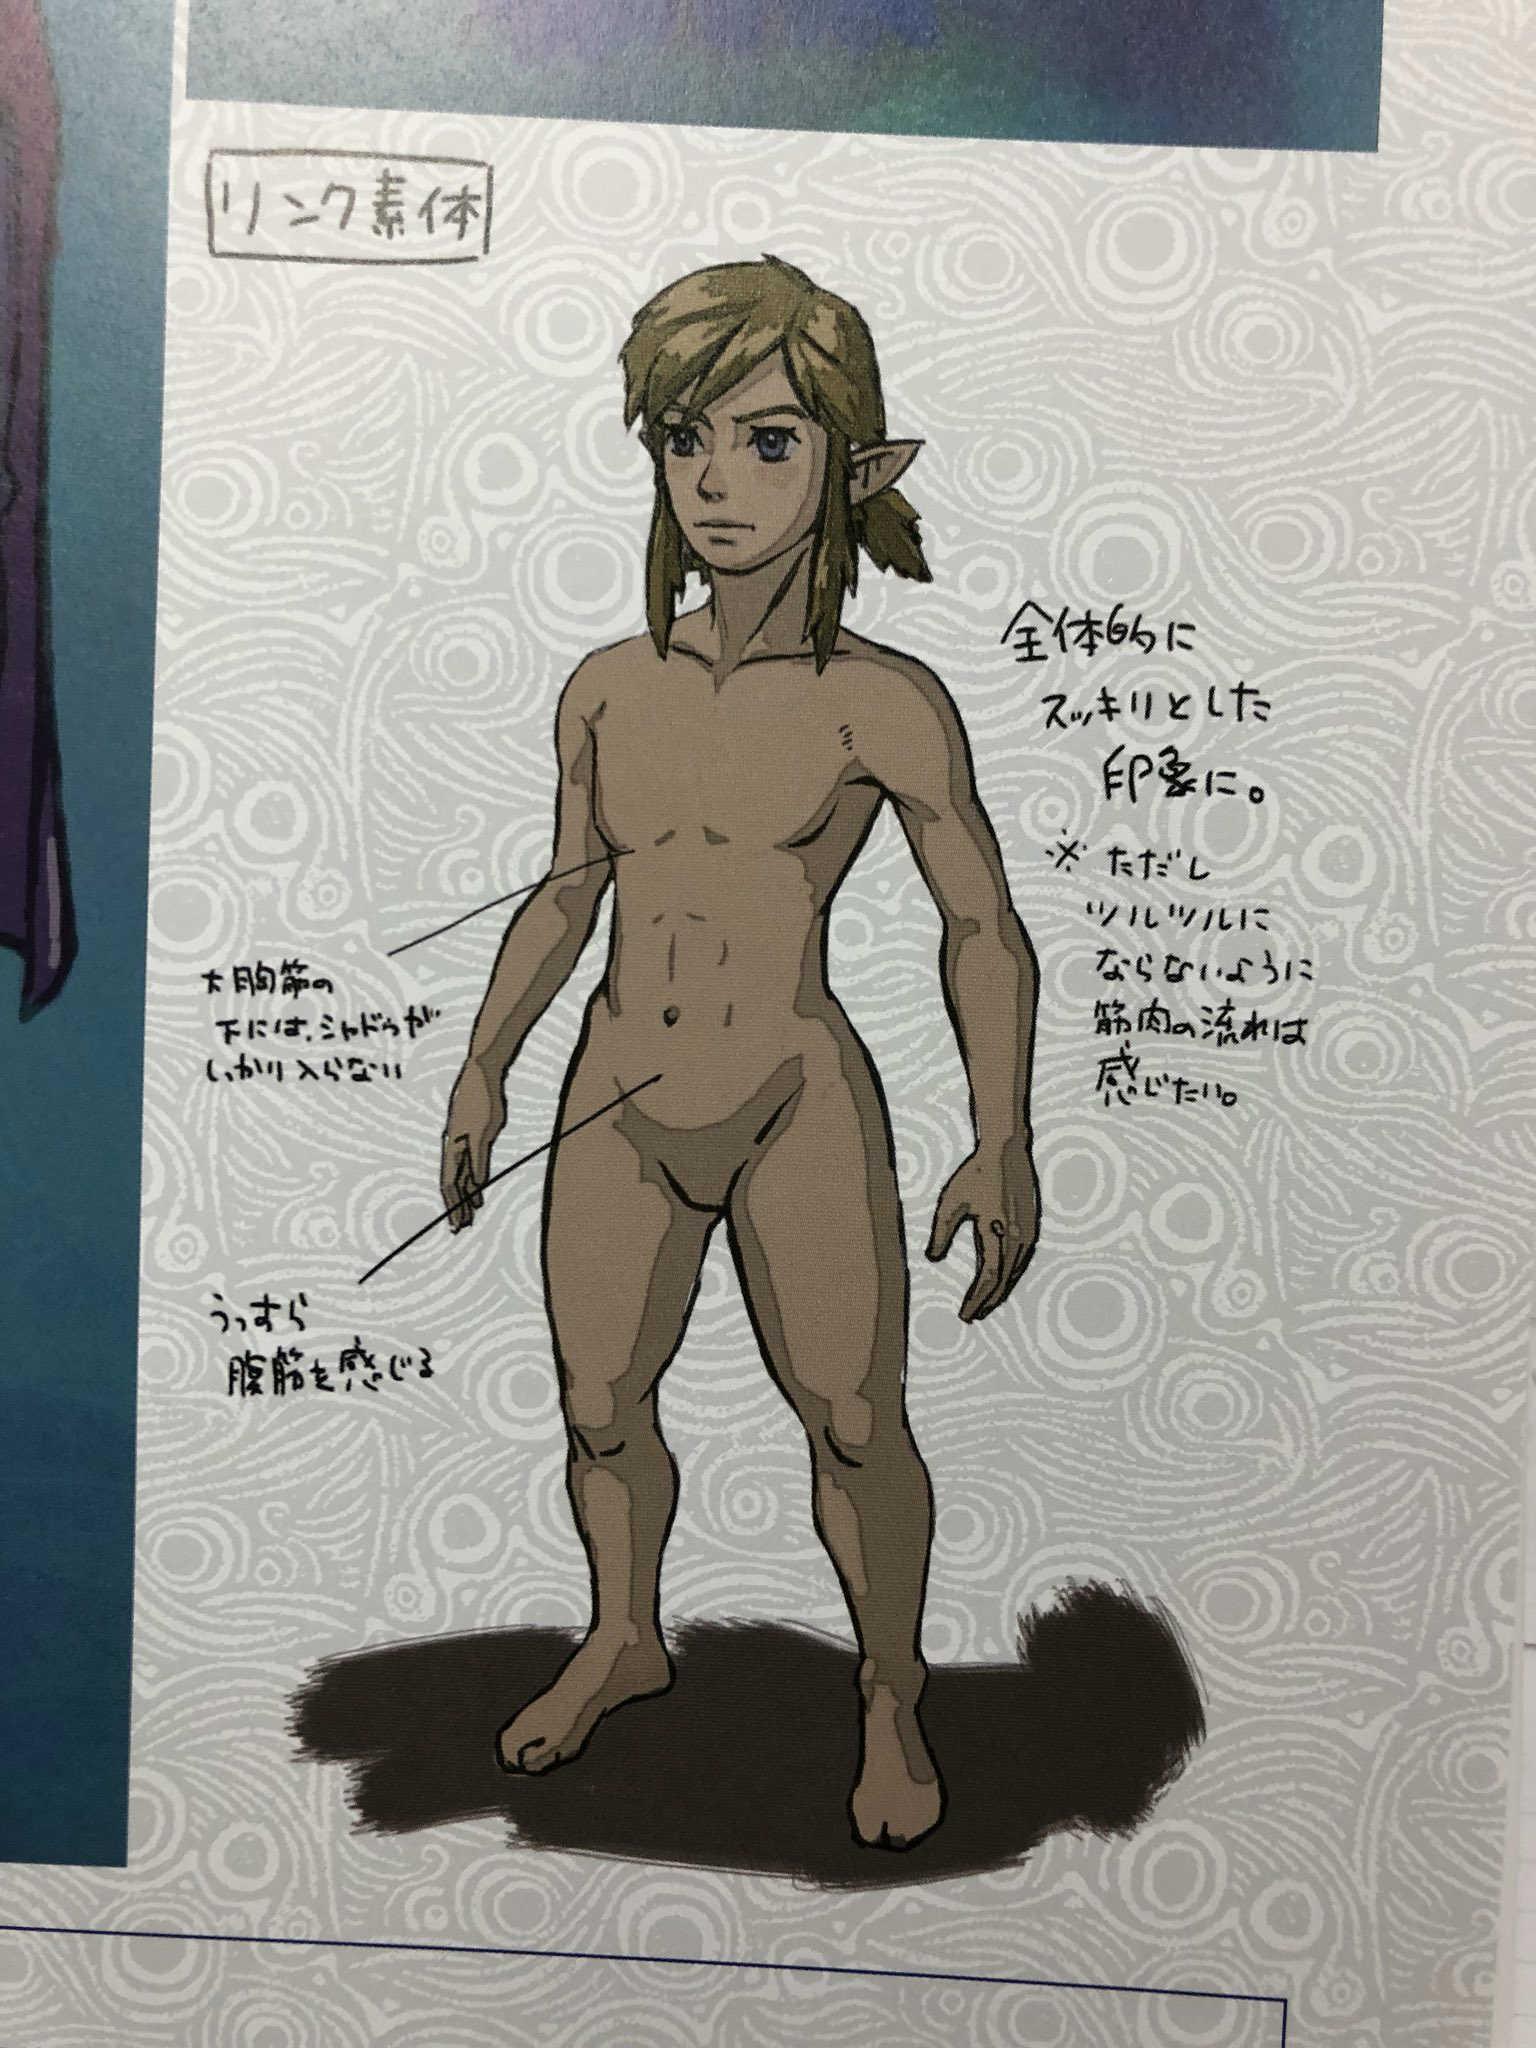 Link desnudo